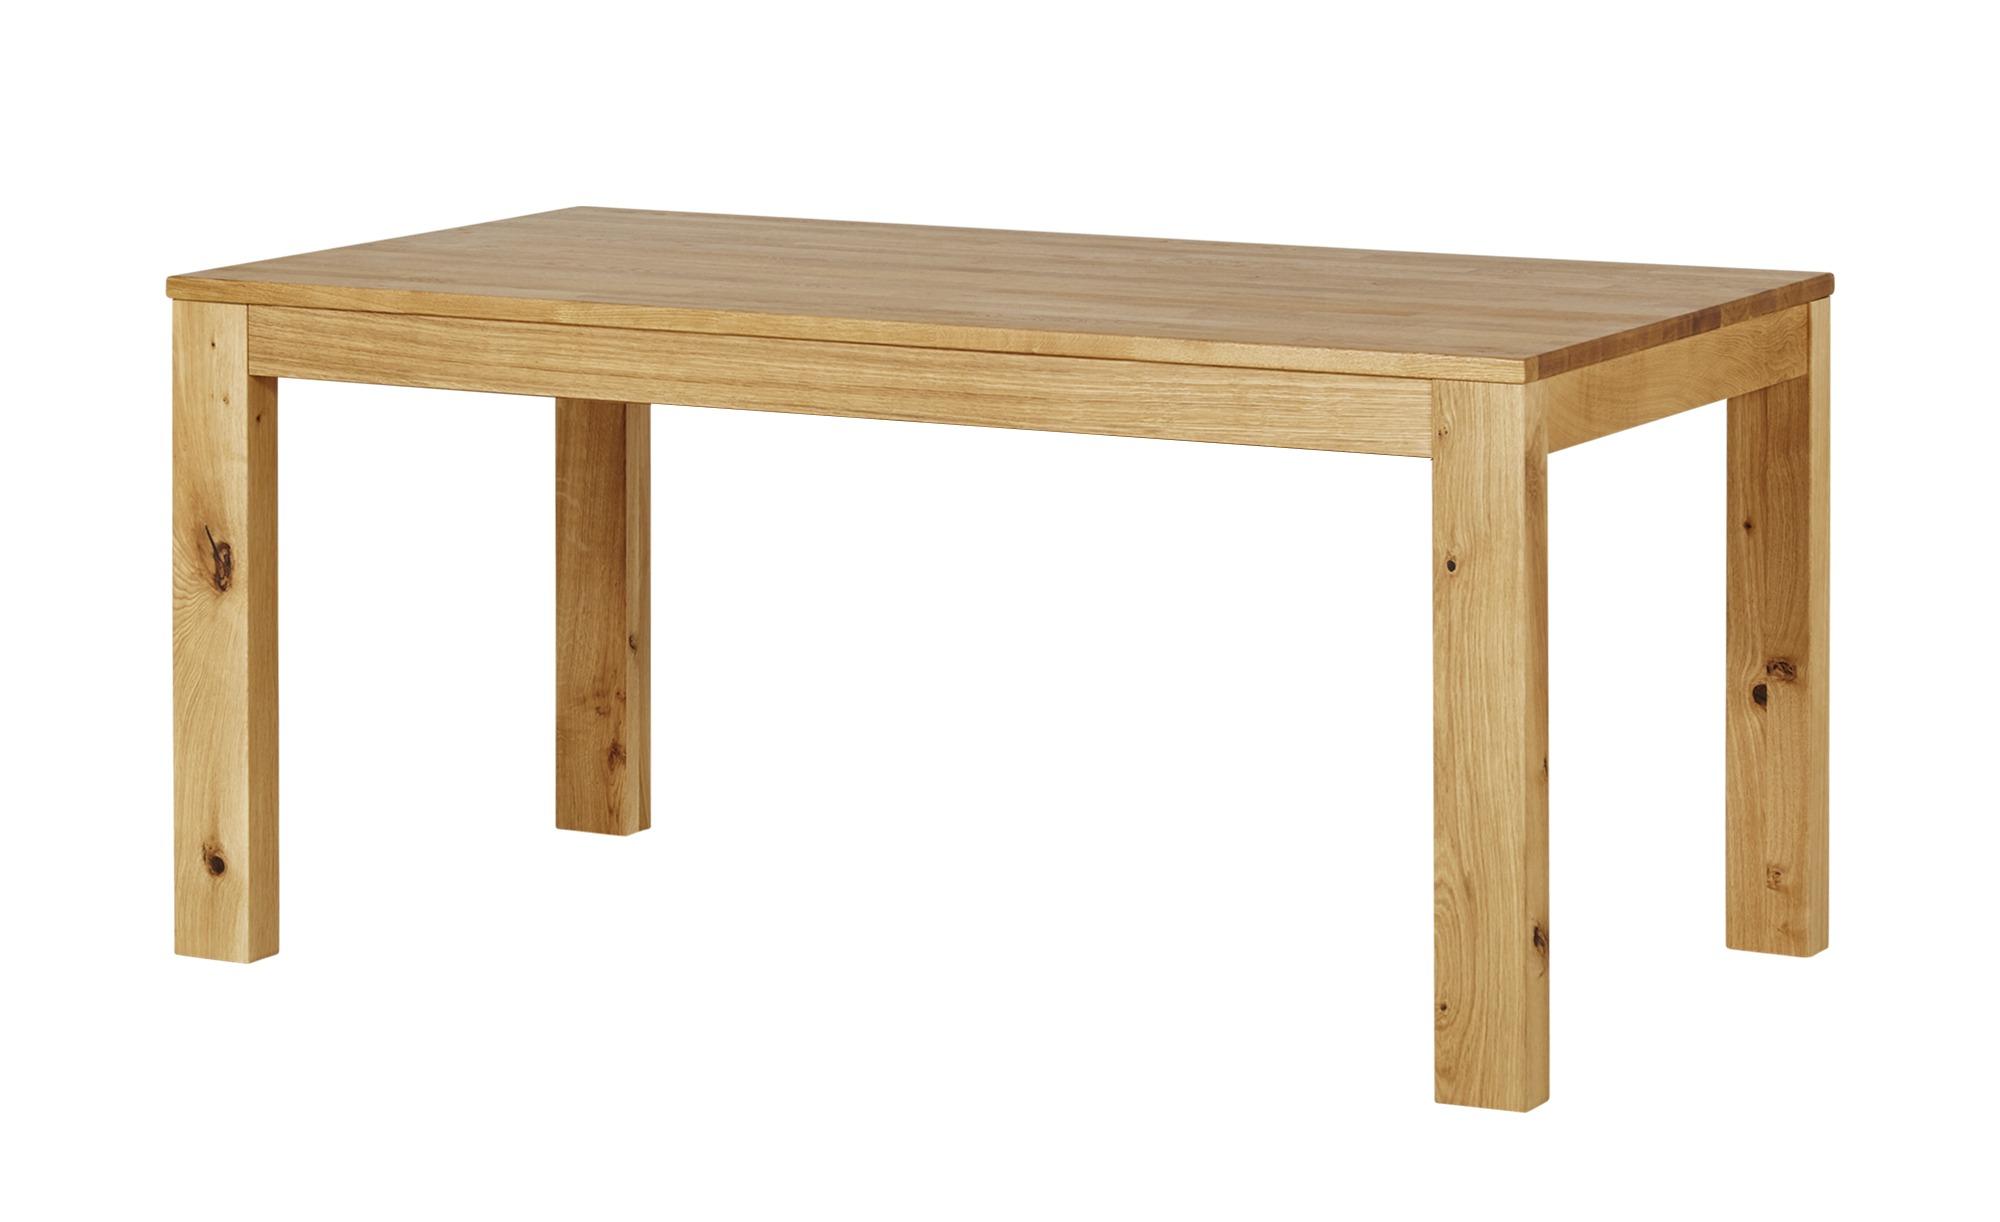 Wohnwert Esstisch  Einsteiger ¦ holzfarben ¦ Maße (cm): B: 90 H: 76 Tische > Esstische > Esstische massiv - Höffner